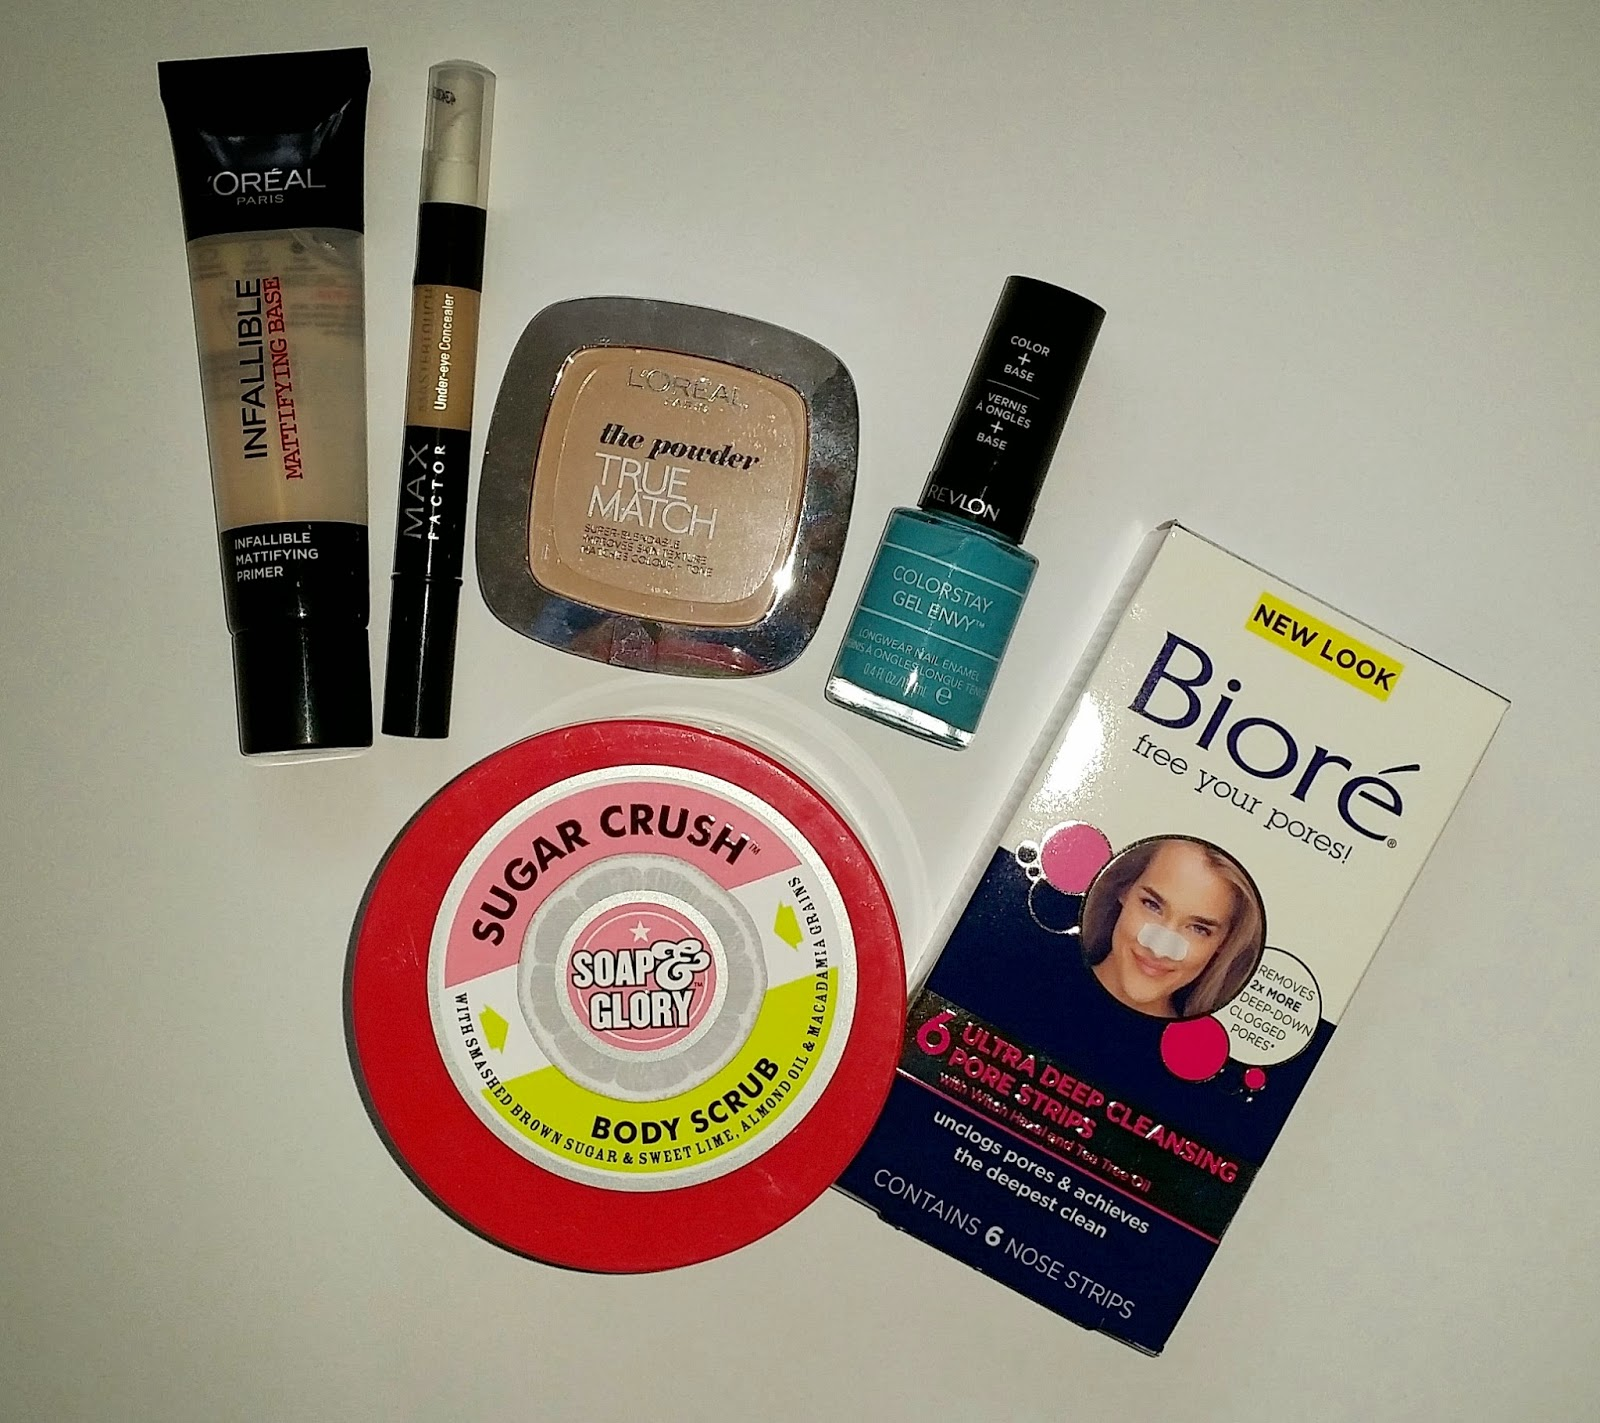 baza matująca L'oreal infallible, scrub Soap & Glory, lakier Revlon, płatki Biore, kosmetyki